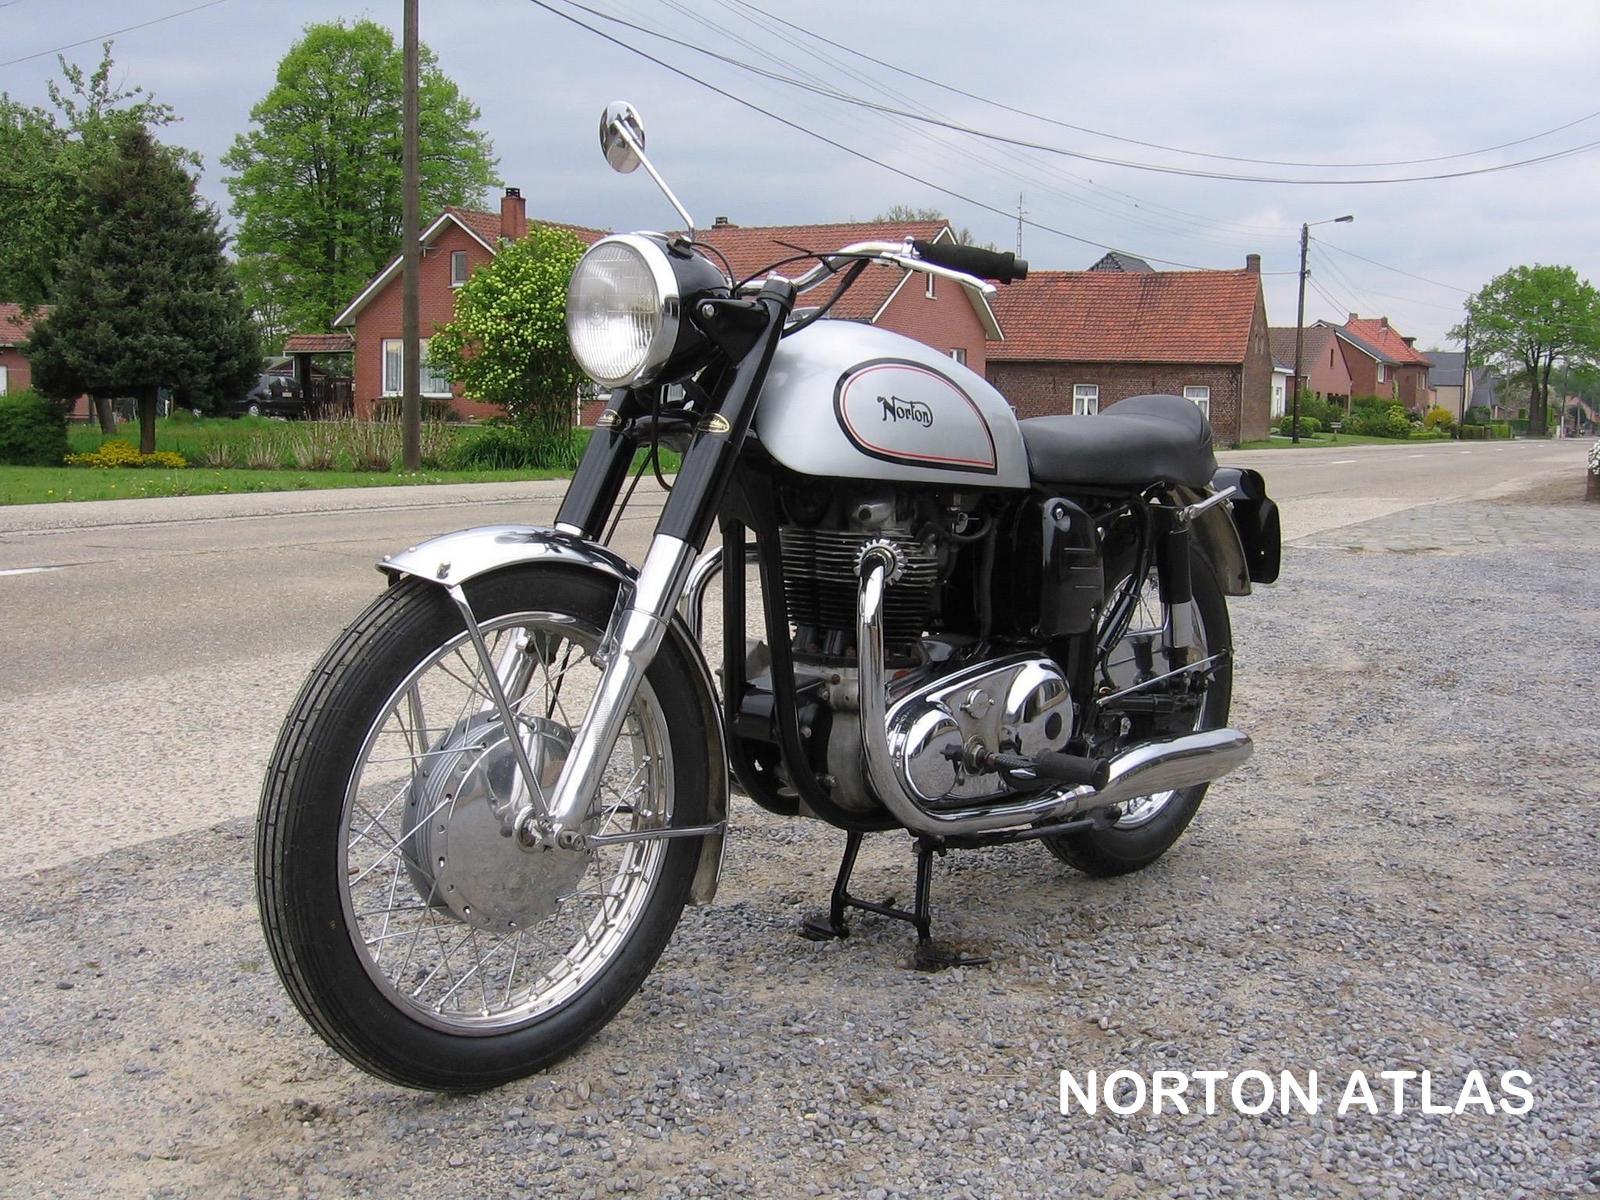 09-Norton Atlas front